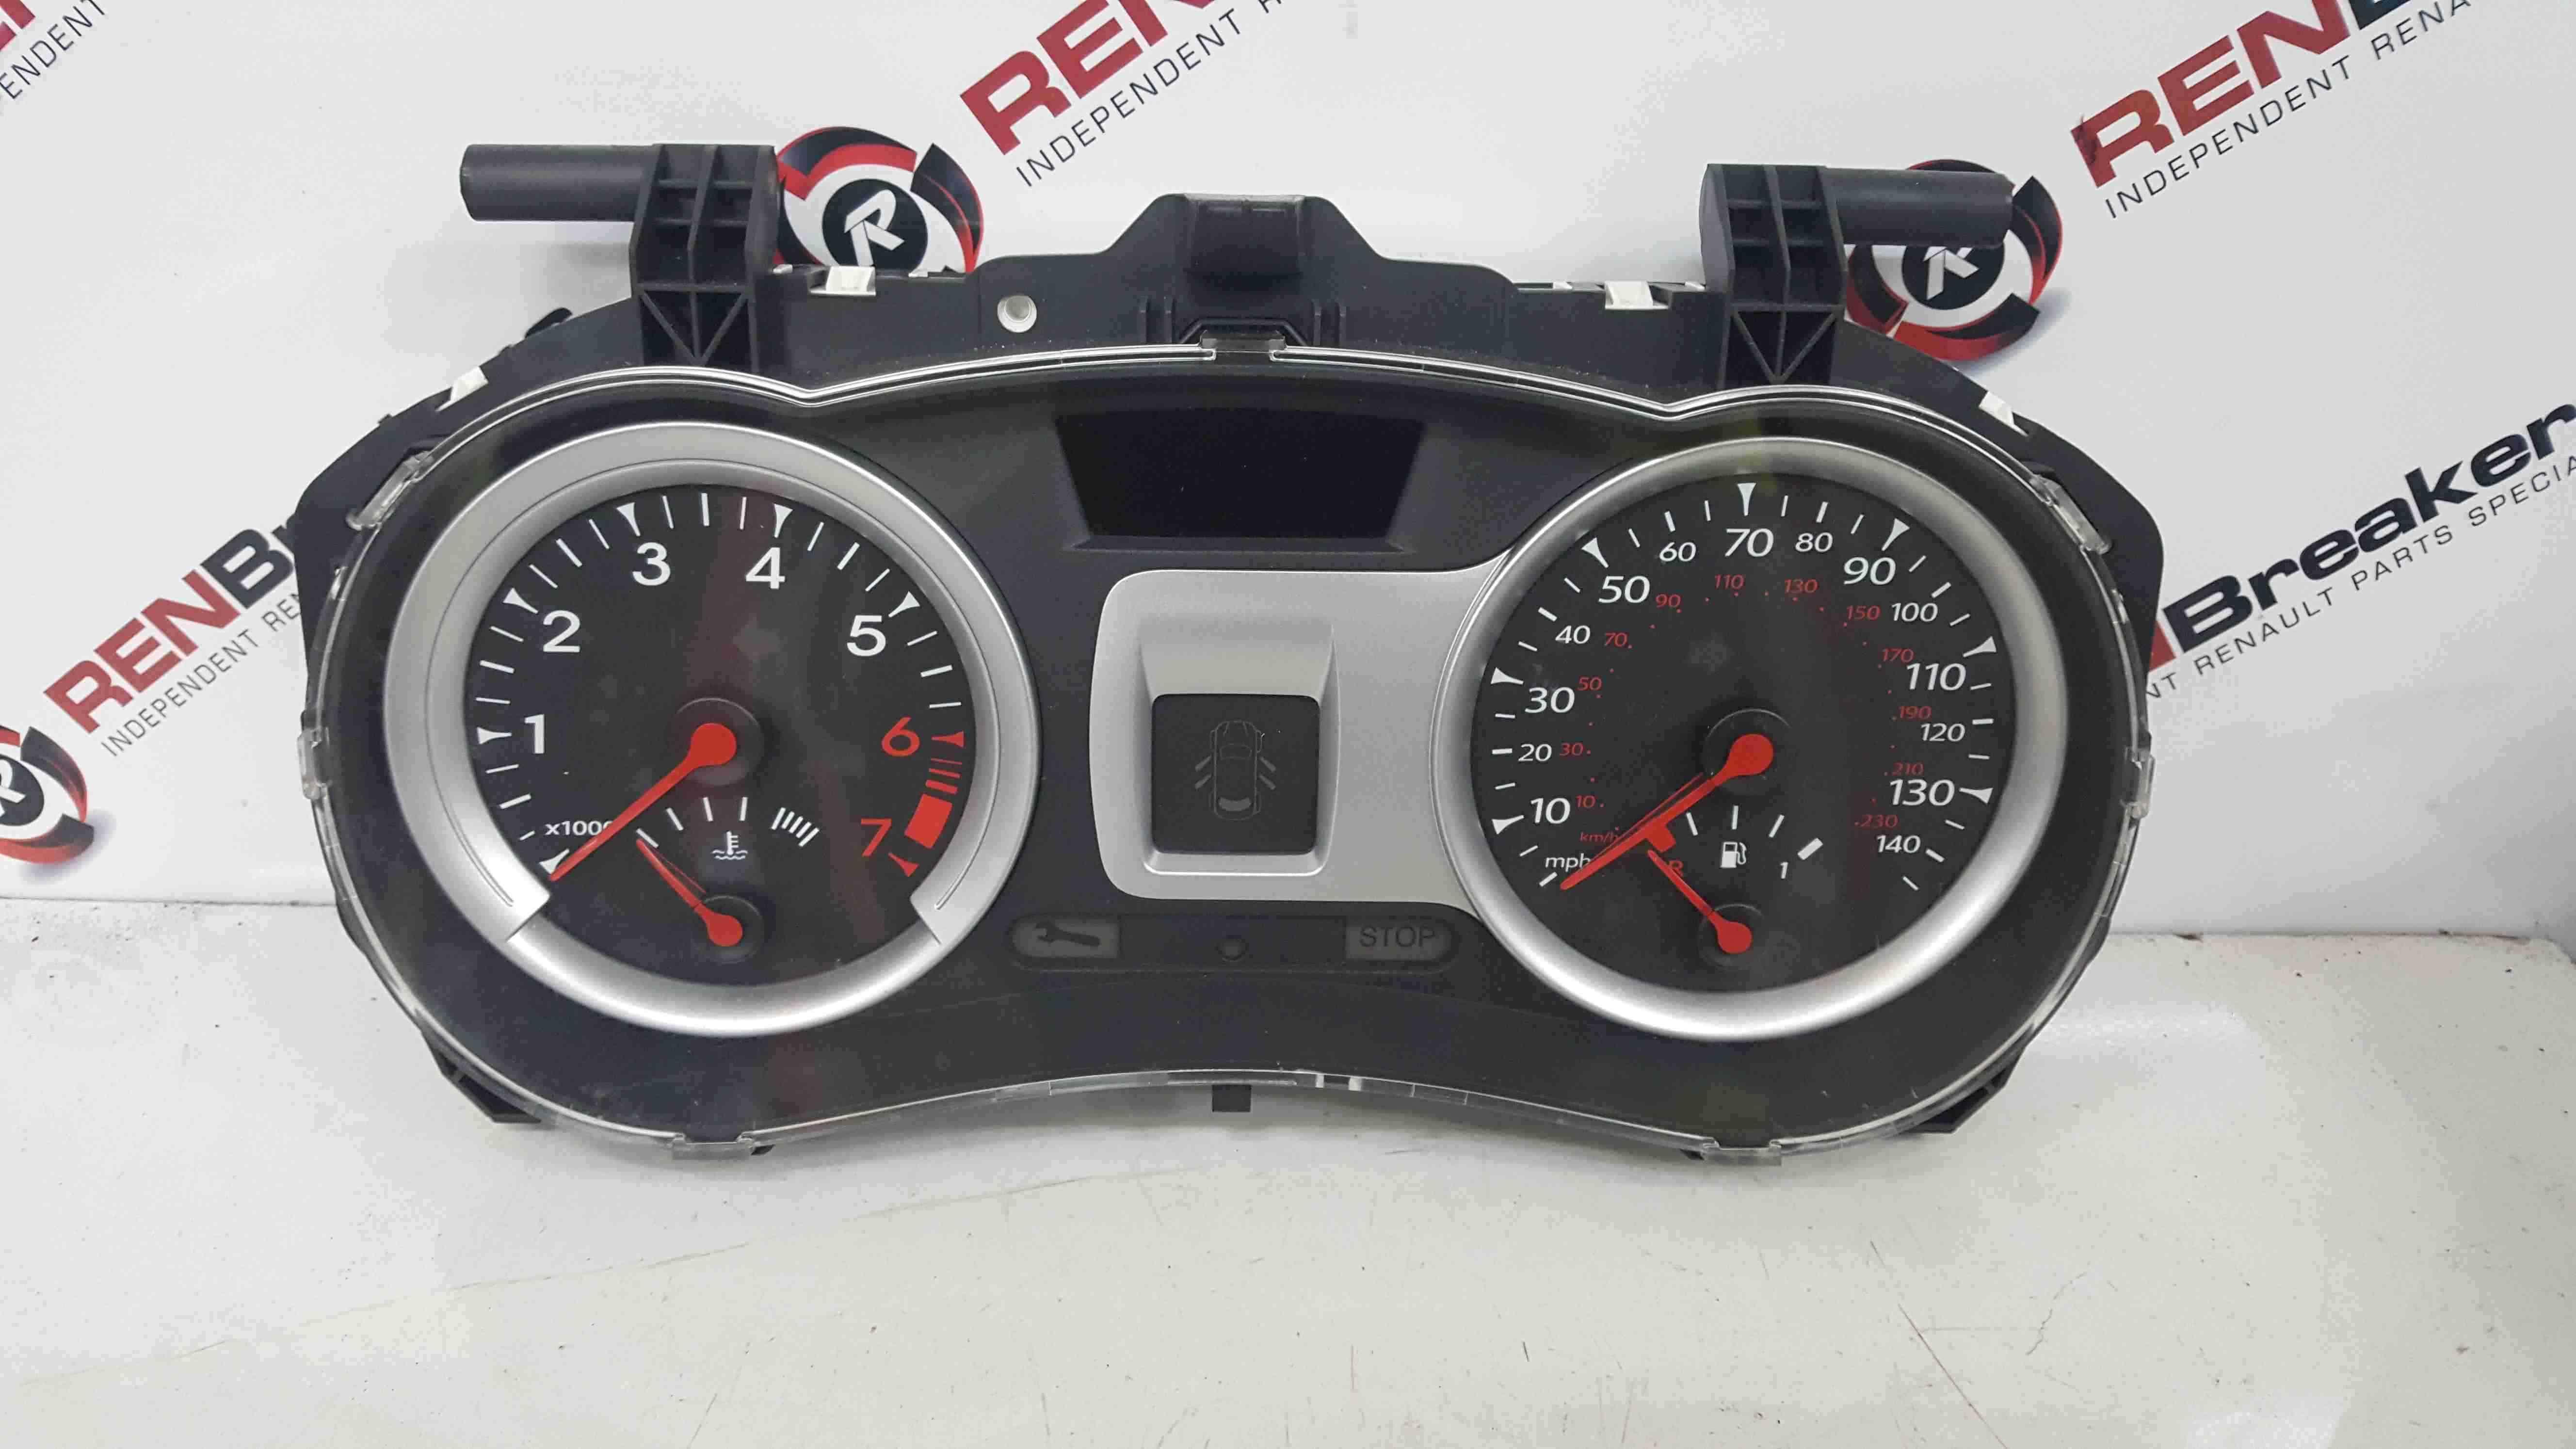 Renault Clio MK3 2009-2012 Instrument Panel Dials Gauges Clocks 8200821000